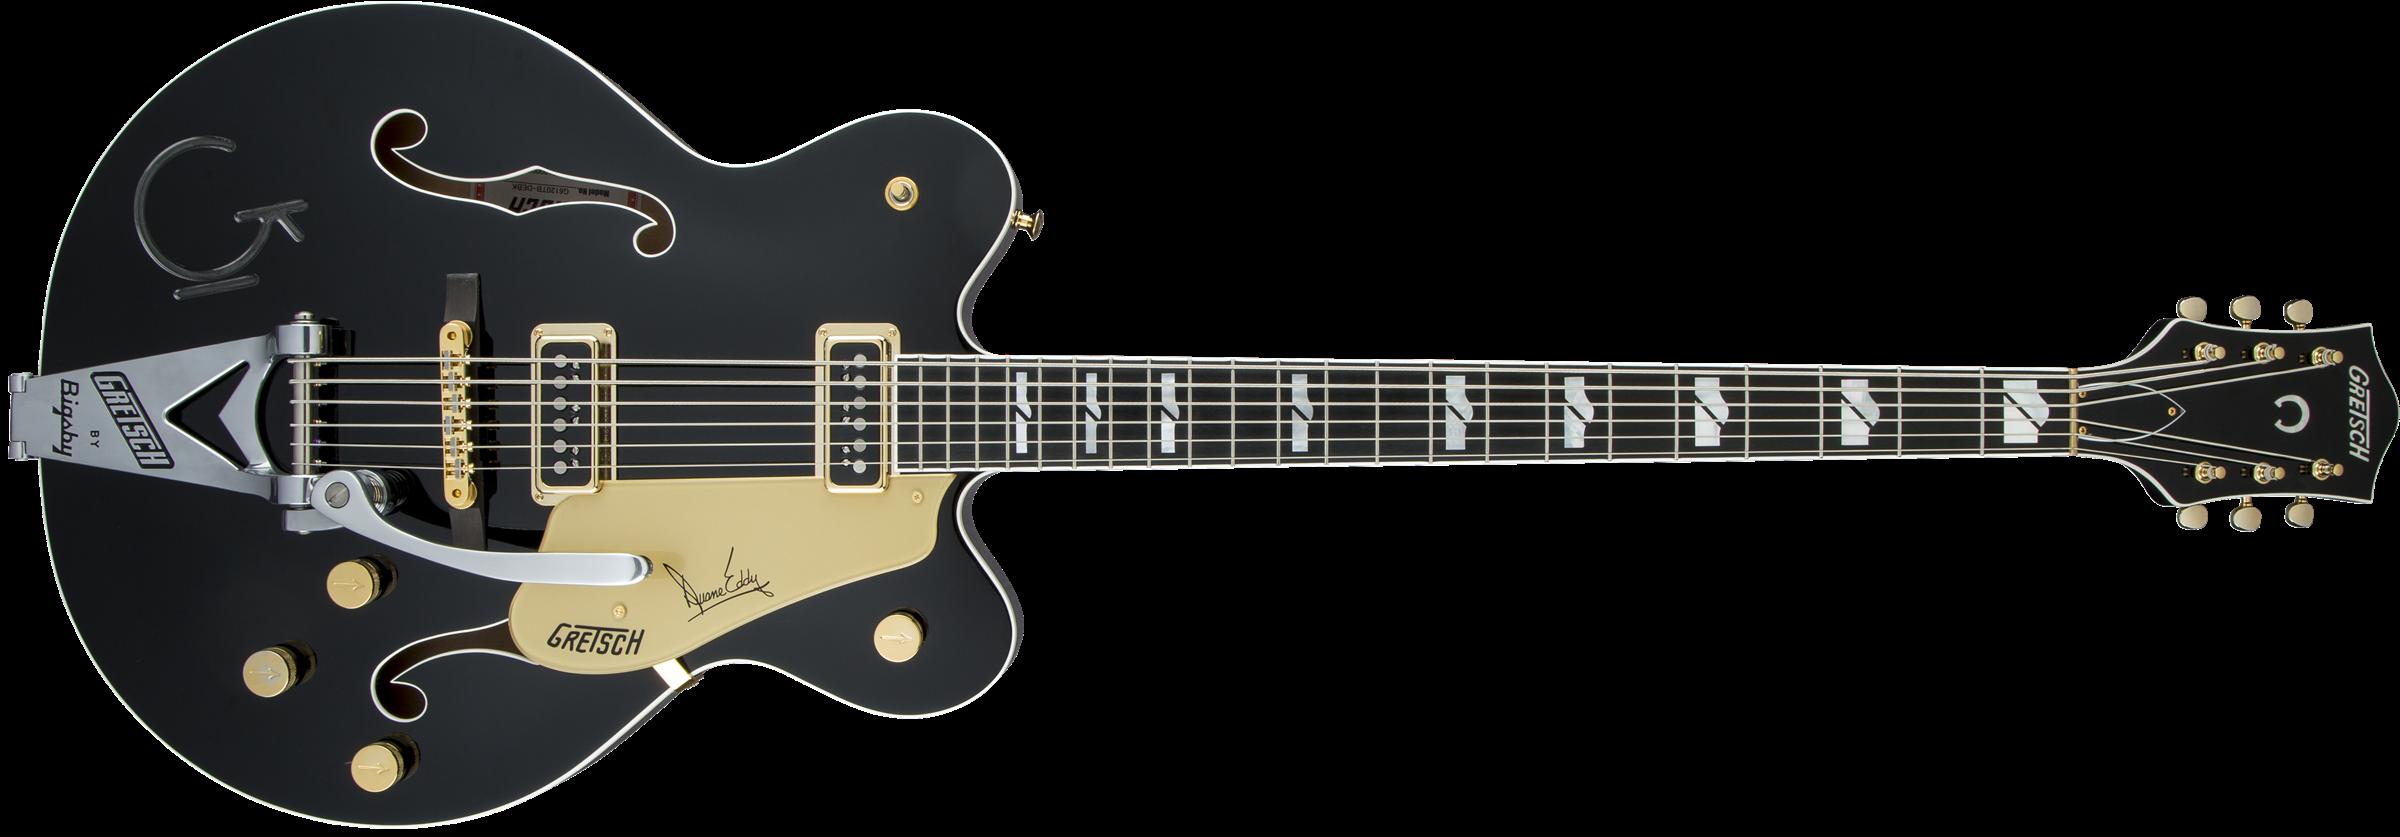 GRETSCH-G6120TB-DE-Duane-Eddy-6-String-Bass-Ebony-Fingerboard-Black-Pearl-sku-571002966